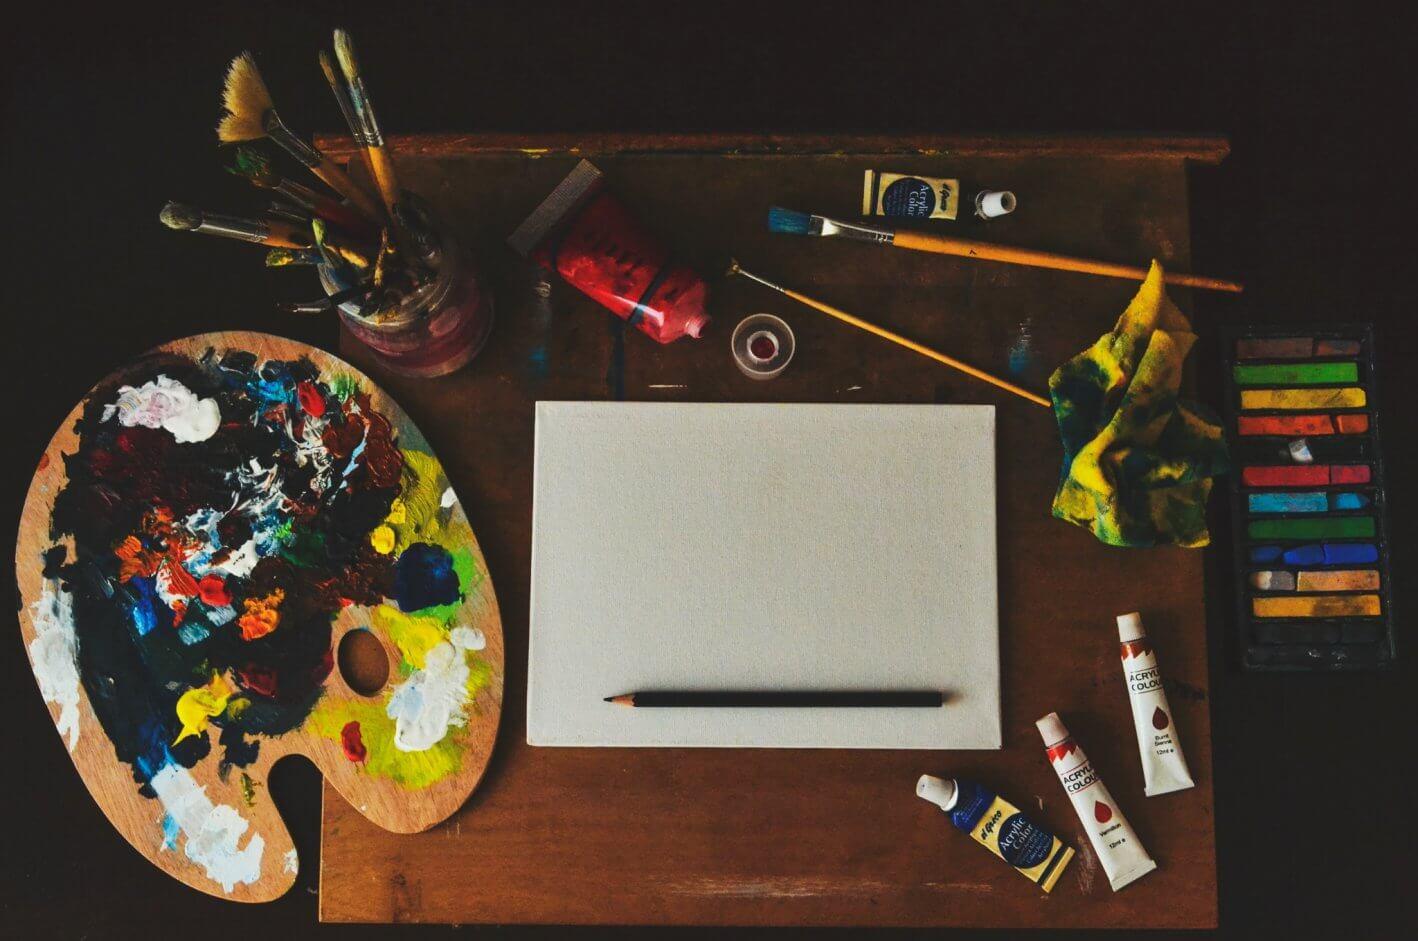 mesa com materiais de pintura: pincéis, bisnagas de tinta e um aparador para aquarela.